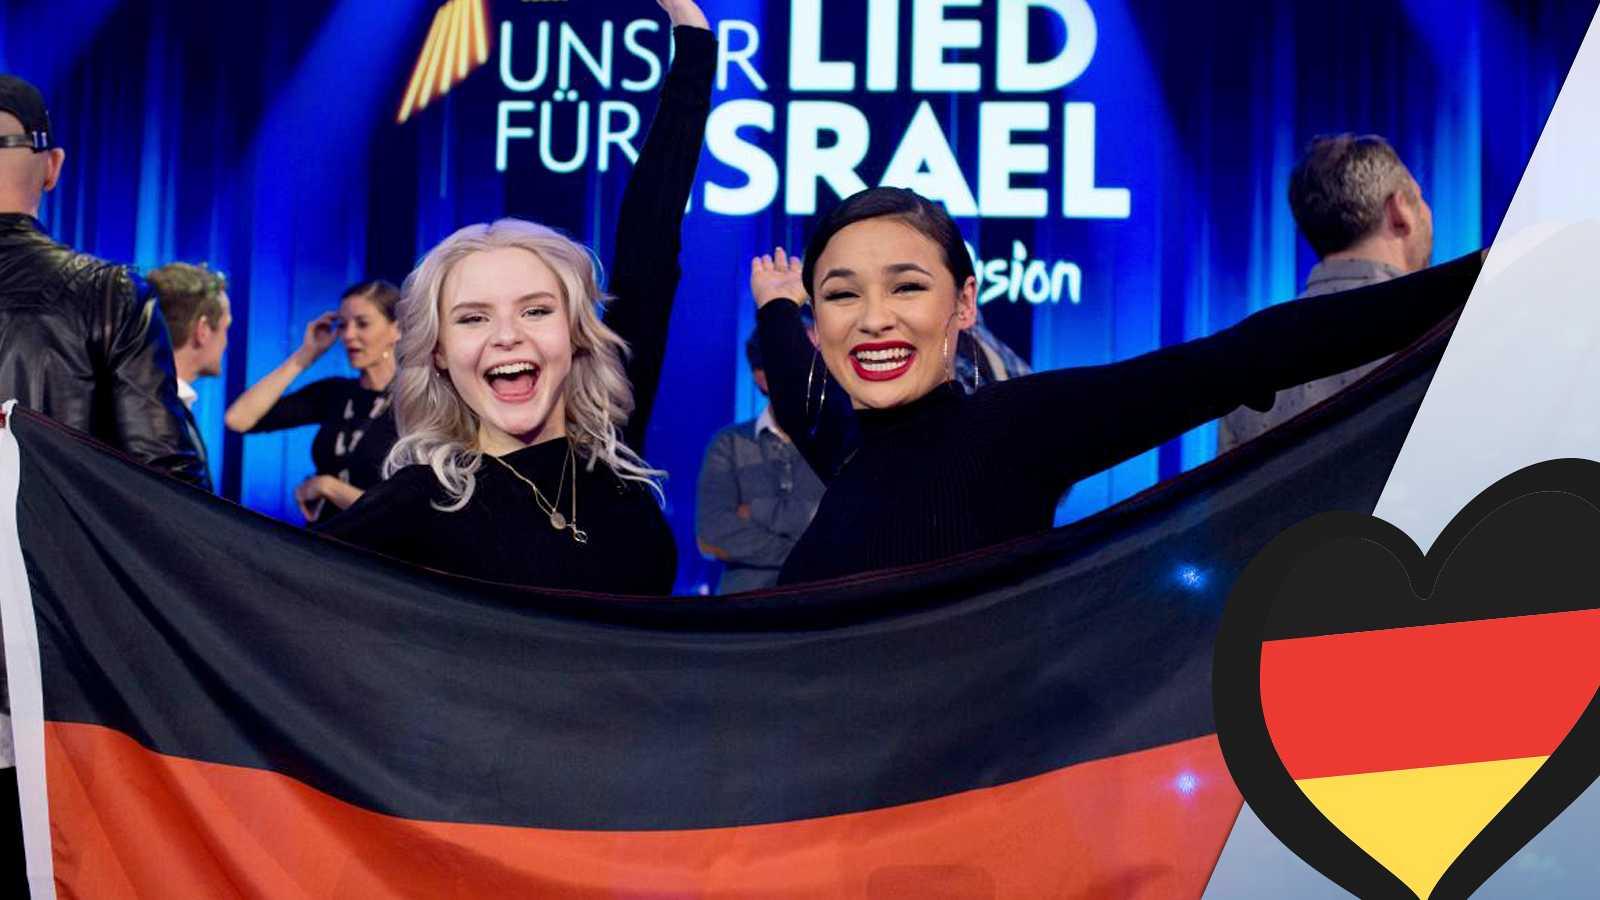 Para Todos Los Publicos Eurovision 2019 Ssters Alemania Videoclip De Sister Reproducir Video